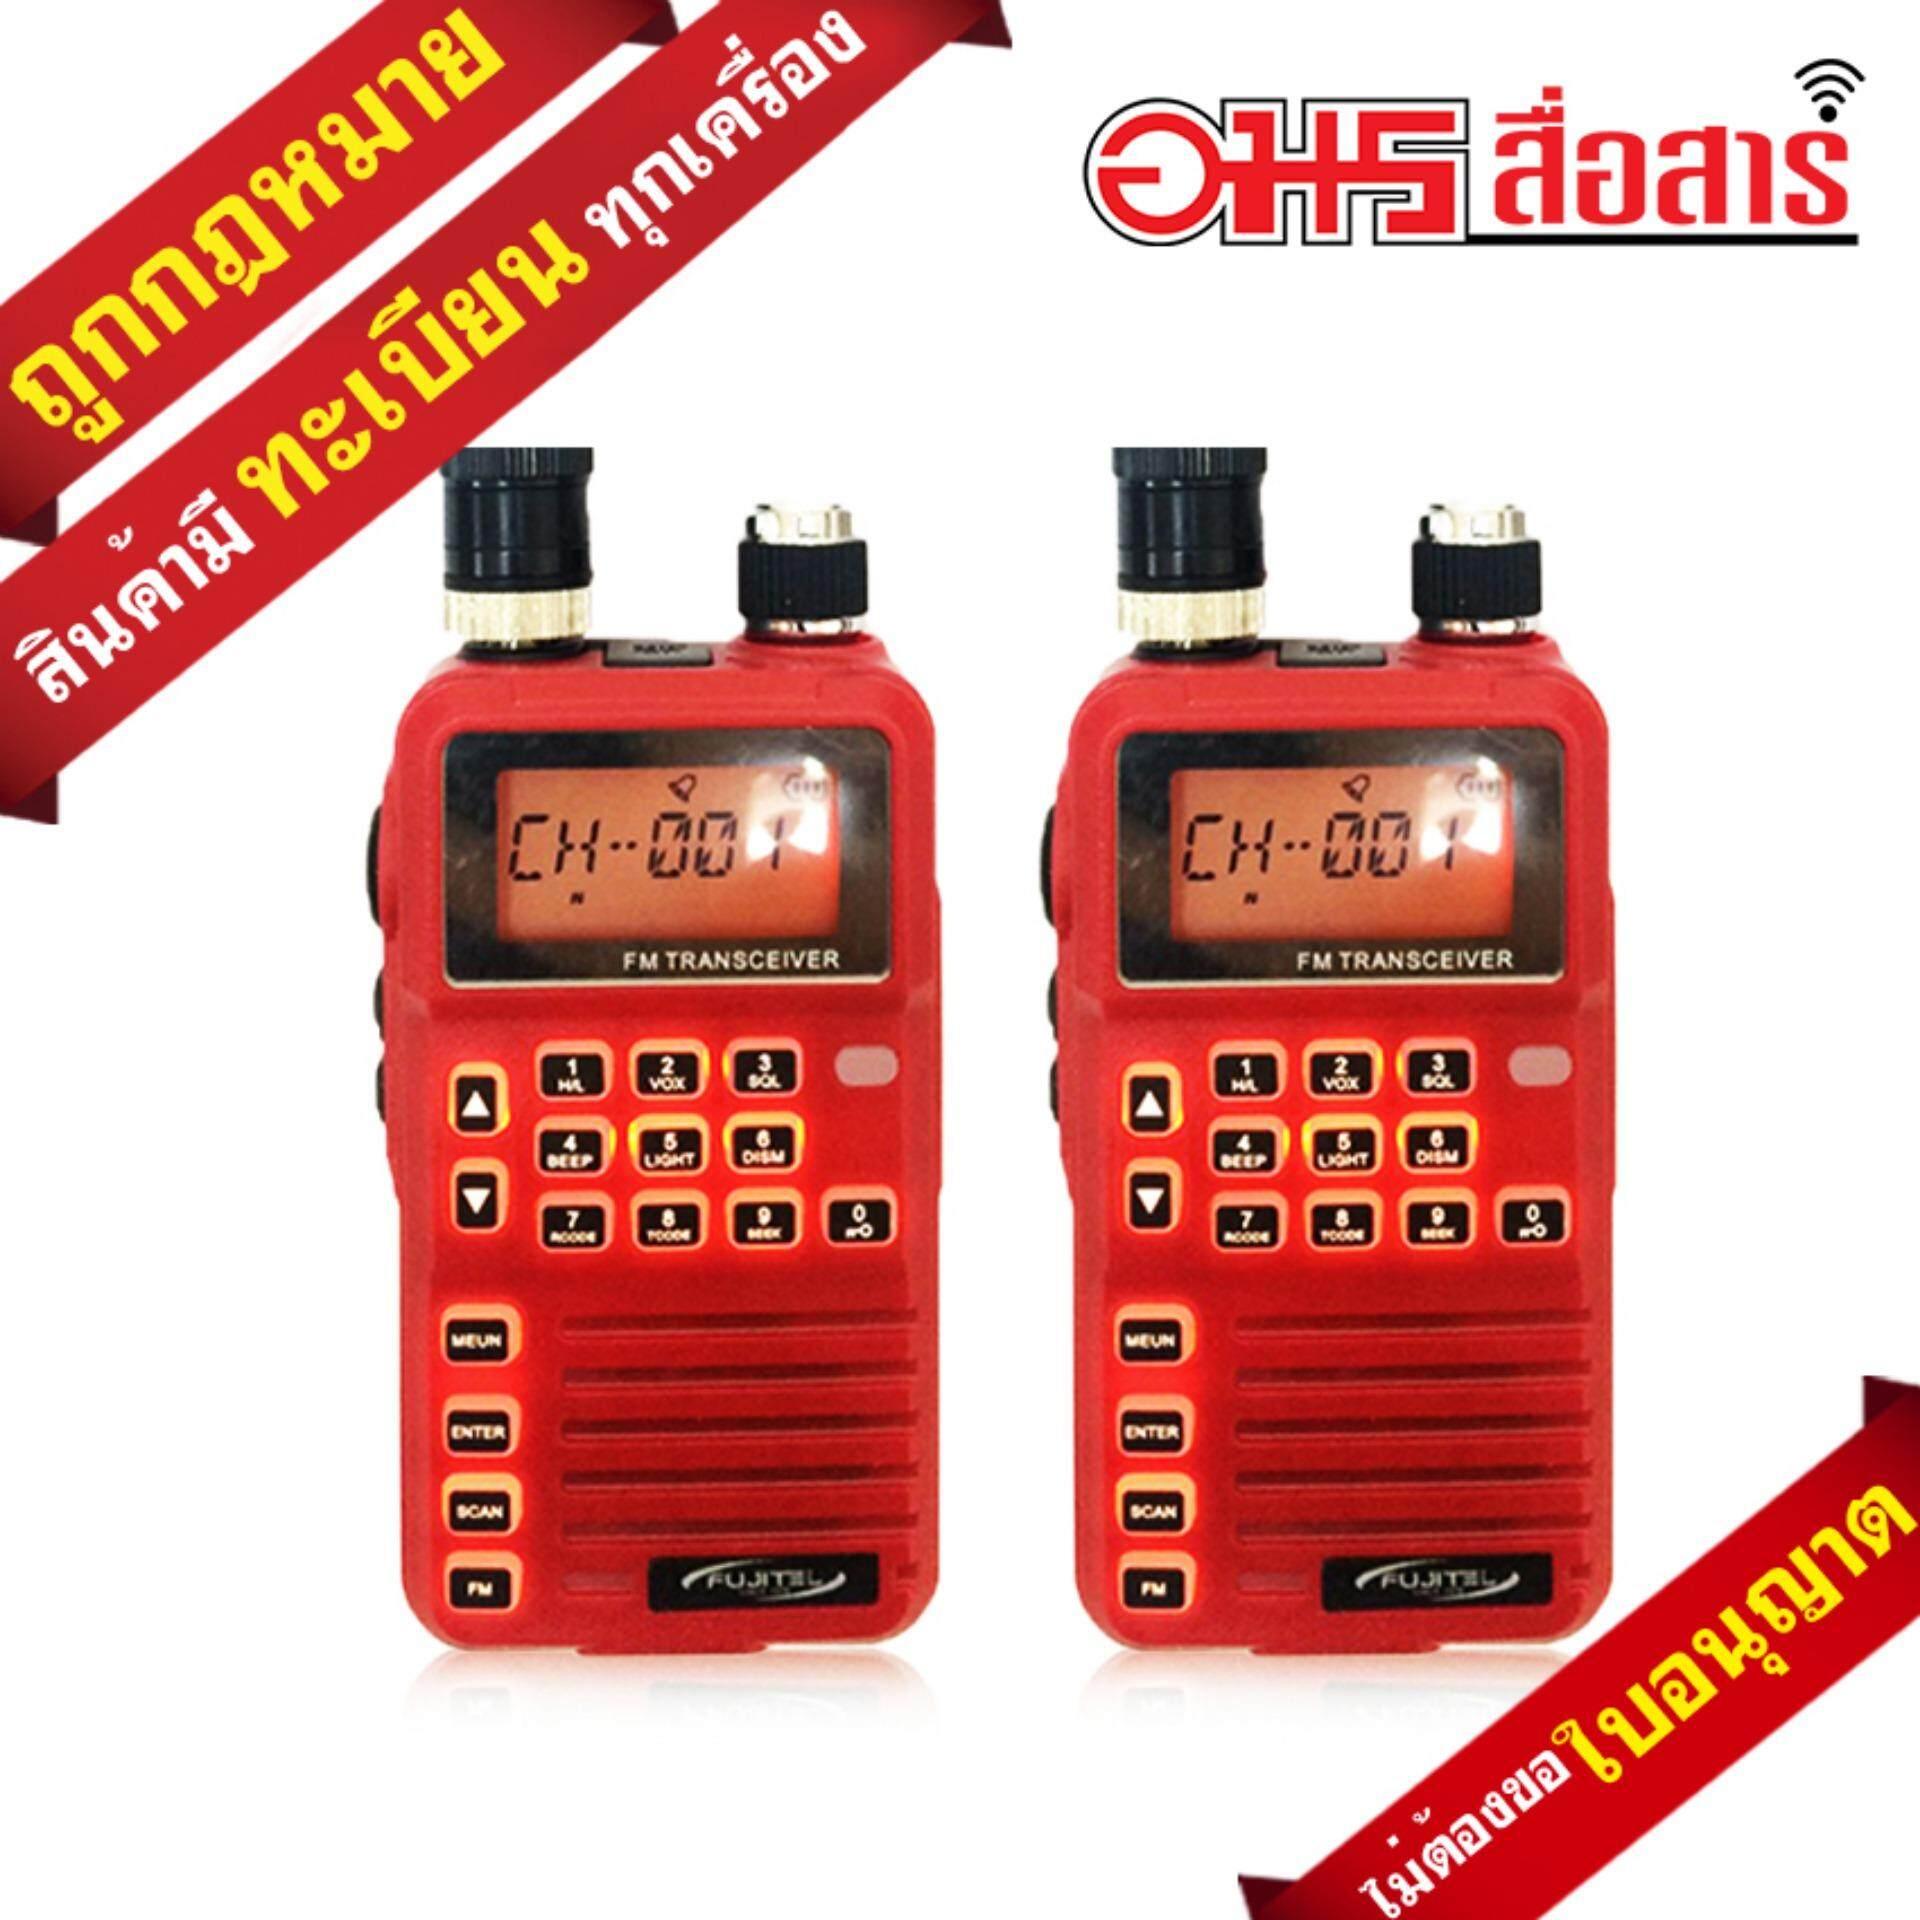 Fujitel วิทยุสื่อสาร 0.5W  FB-5R สีแดง แพ๊คคู่ ถูกกฎหมาย ได้รับการยกเว้นใบอนุญาตพกพา WALKIE TALKIE walkie-talkie